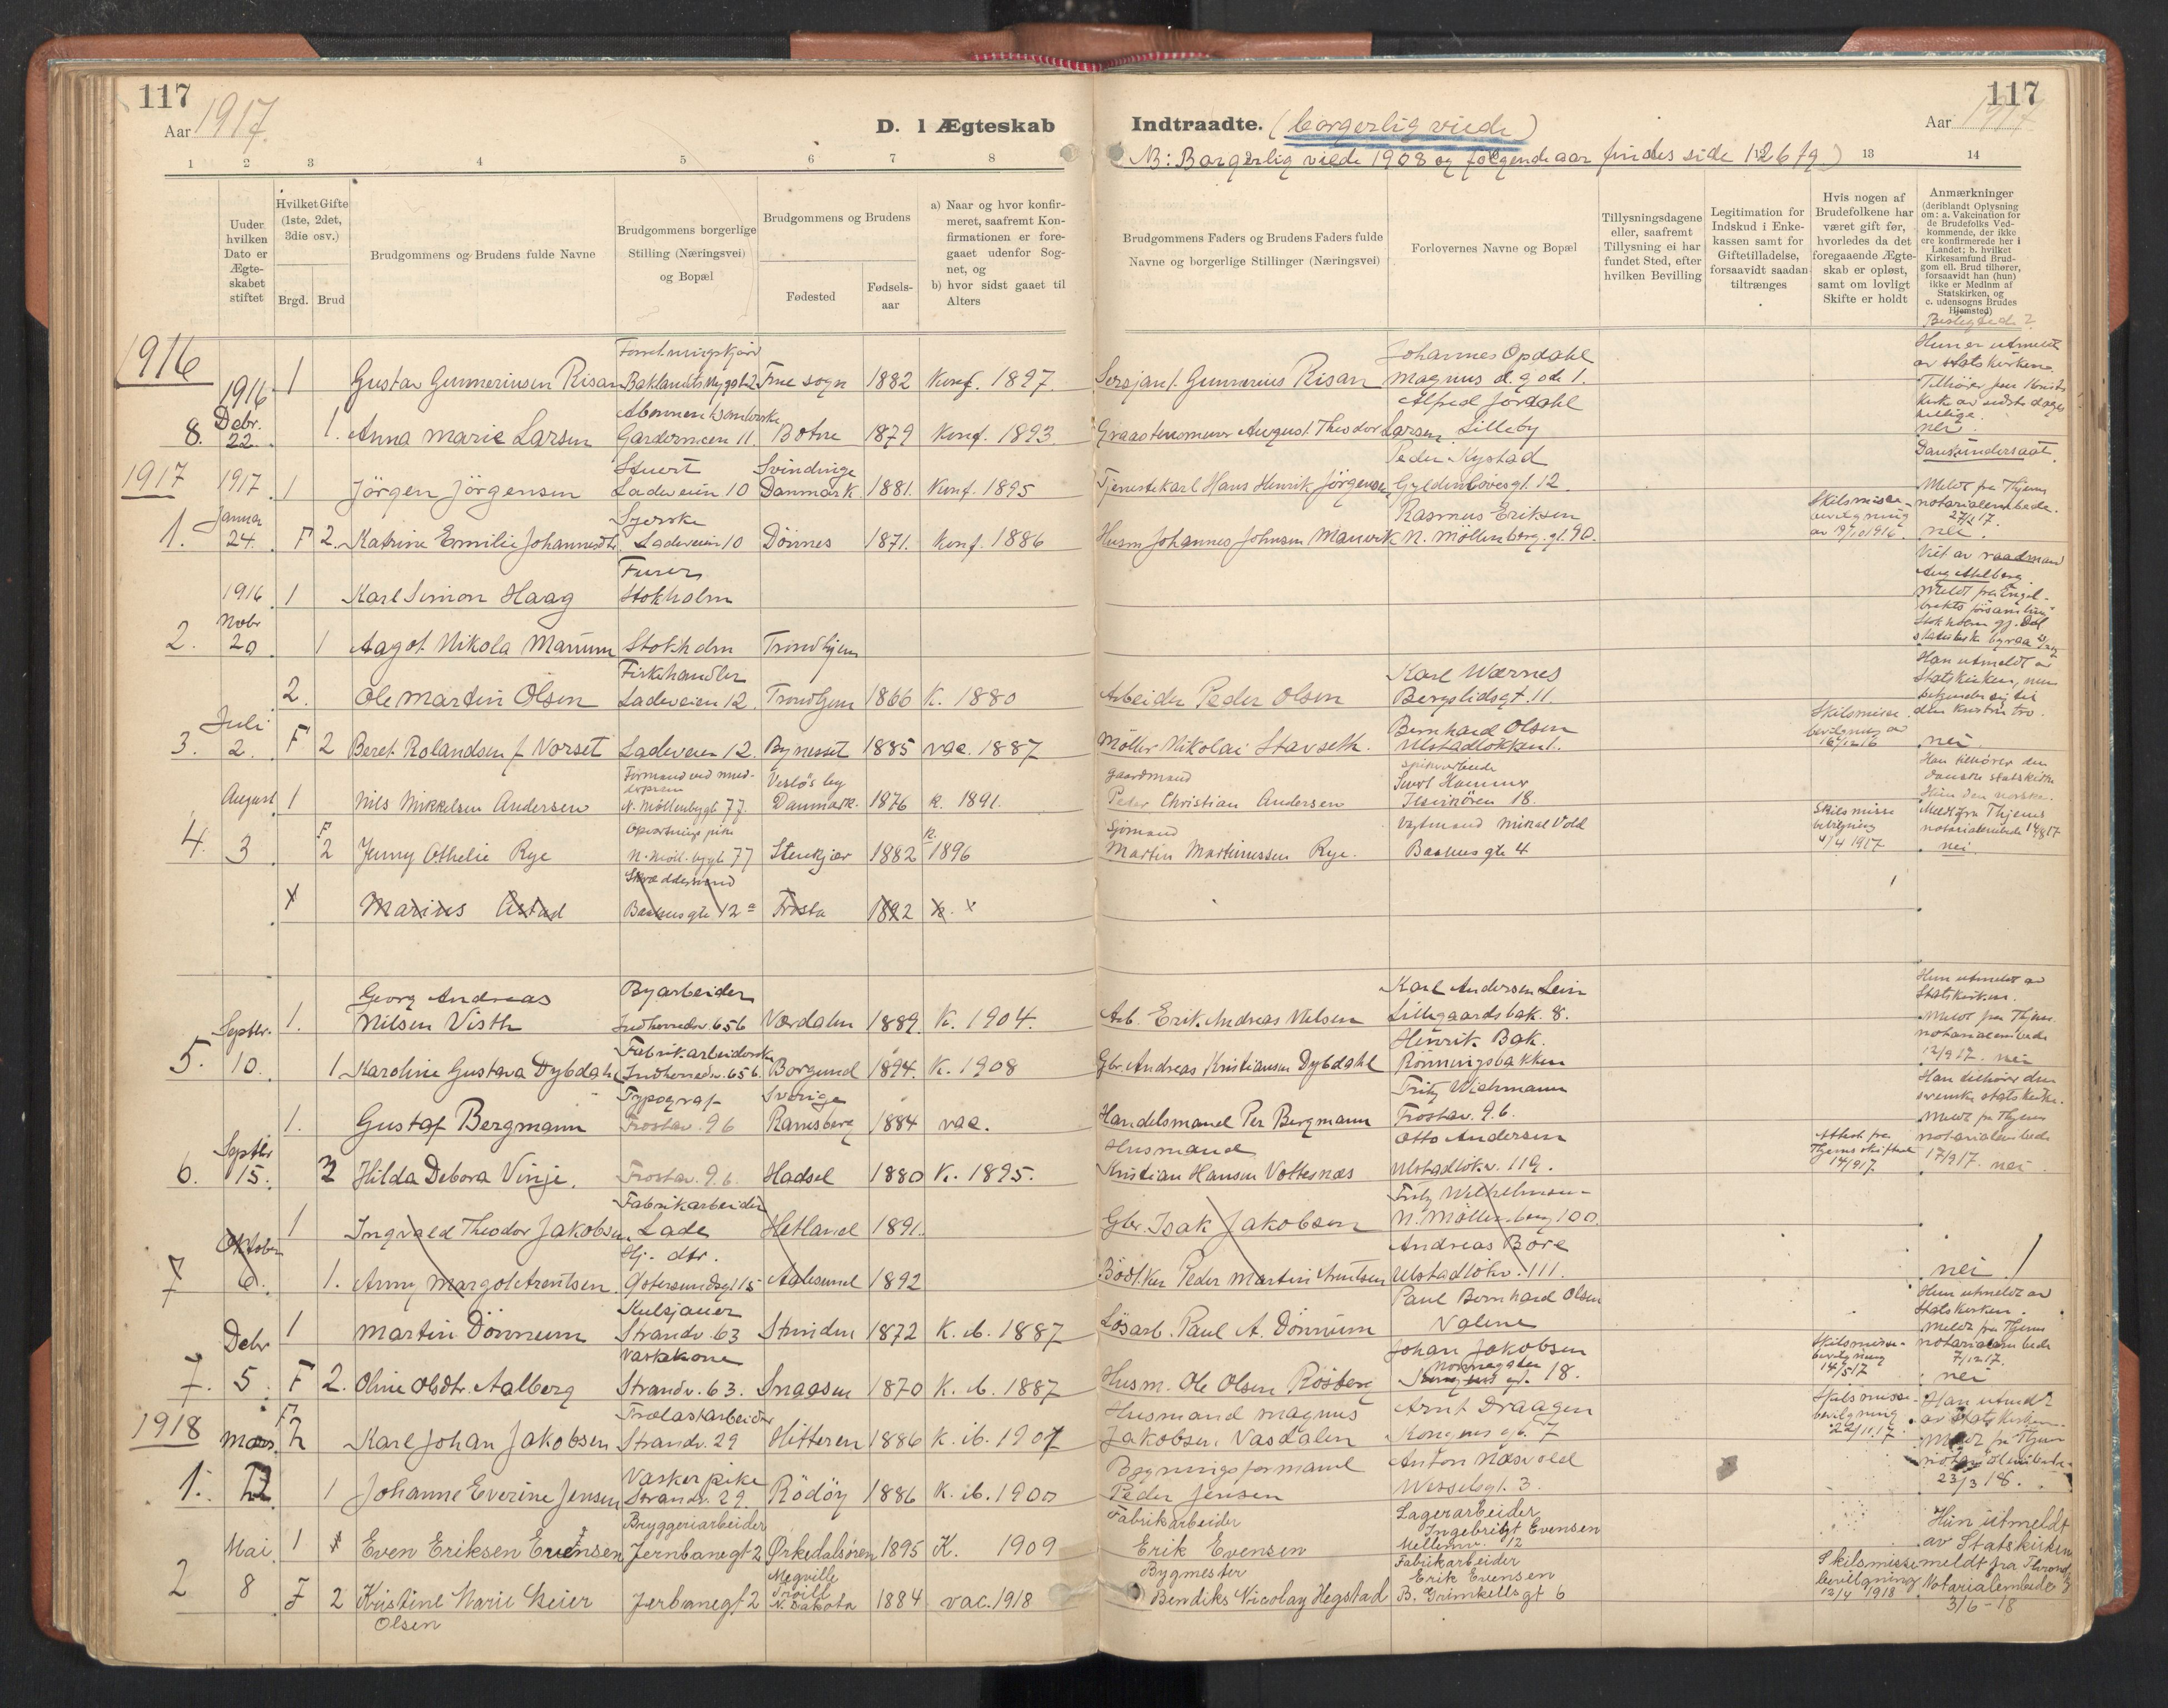 SAT, Ministerialprotokoller, klokkerbøker og fødselsregistre - Sør-Trøndelag, 605/L0244: Ministerialbok nr. 605A06, 1908-1954, s. 117